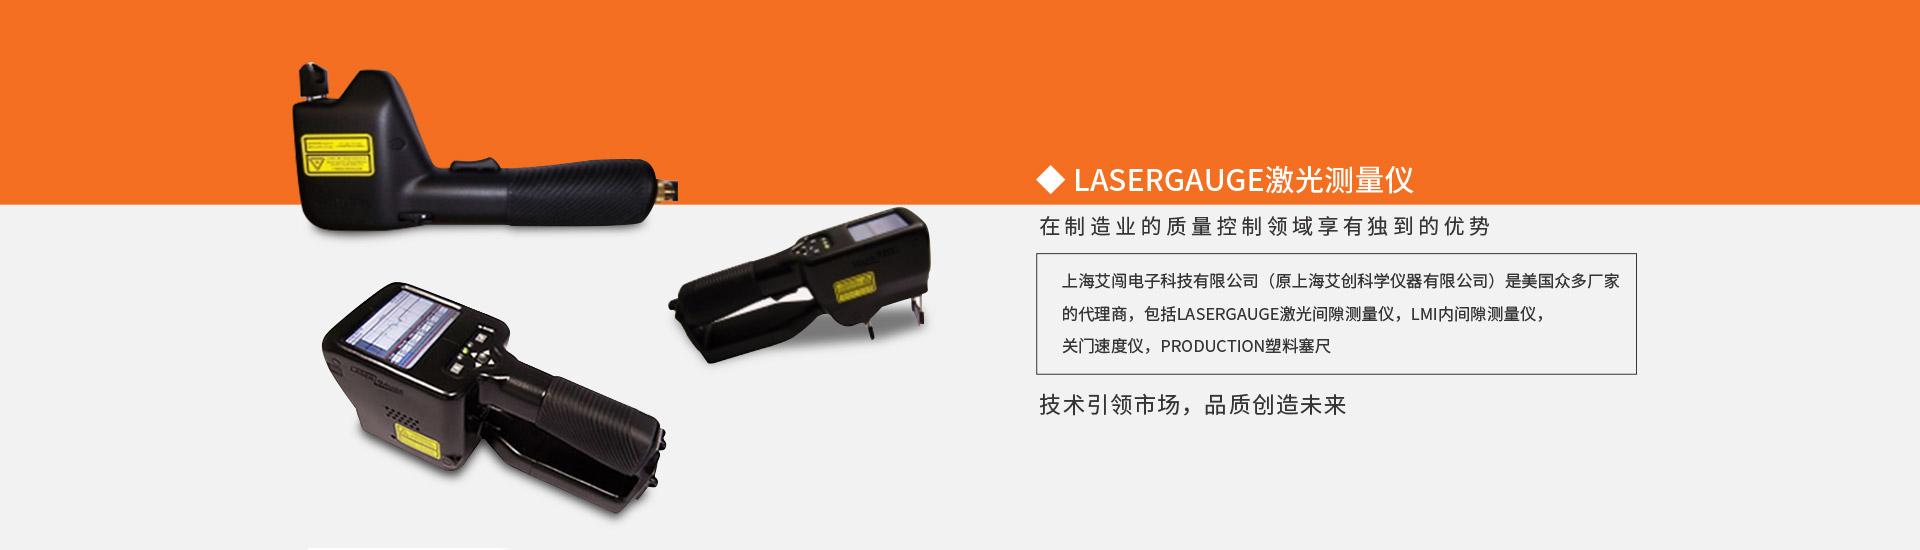 激光间隙测量仪